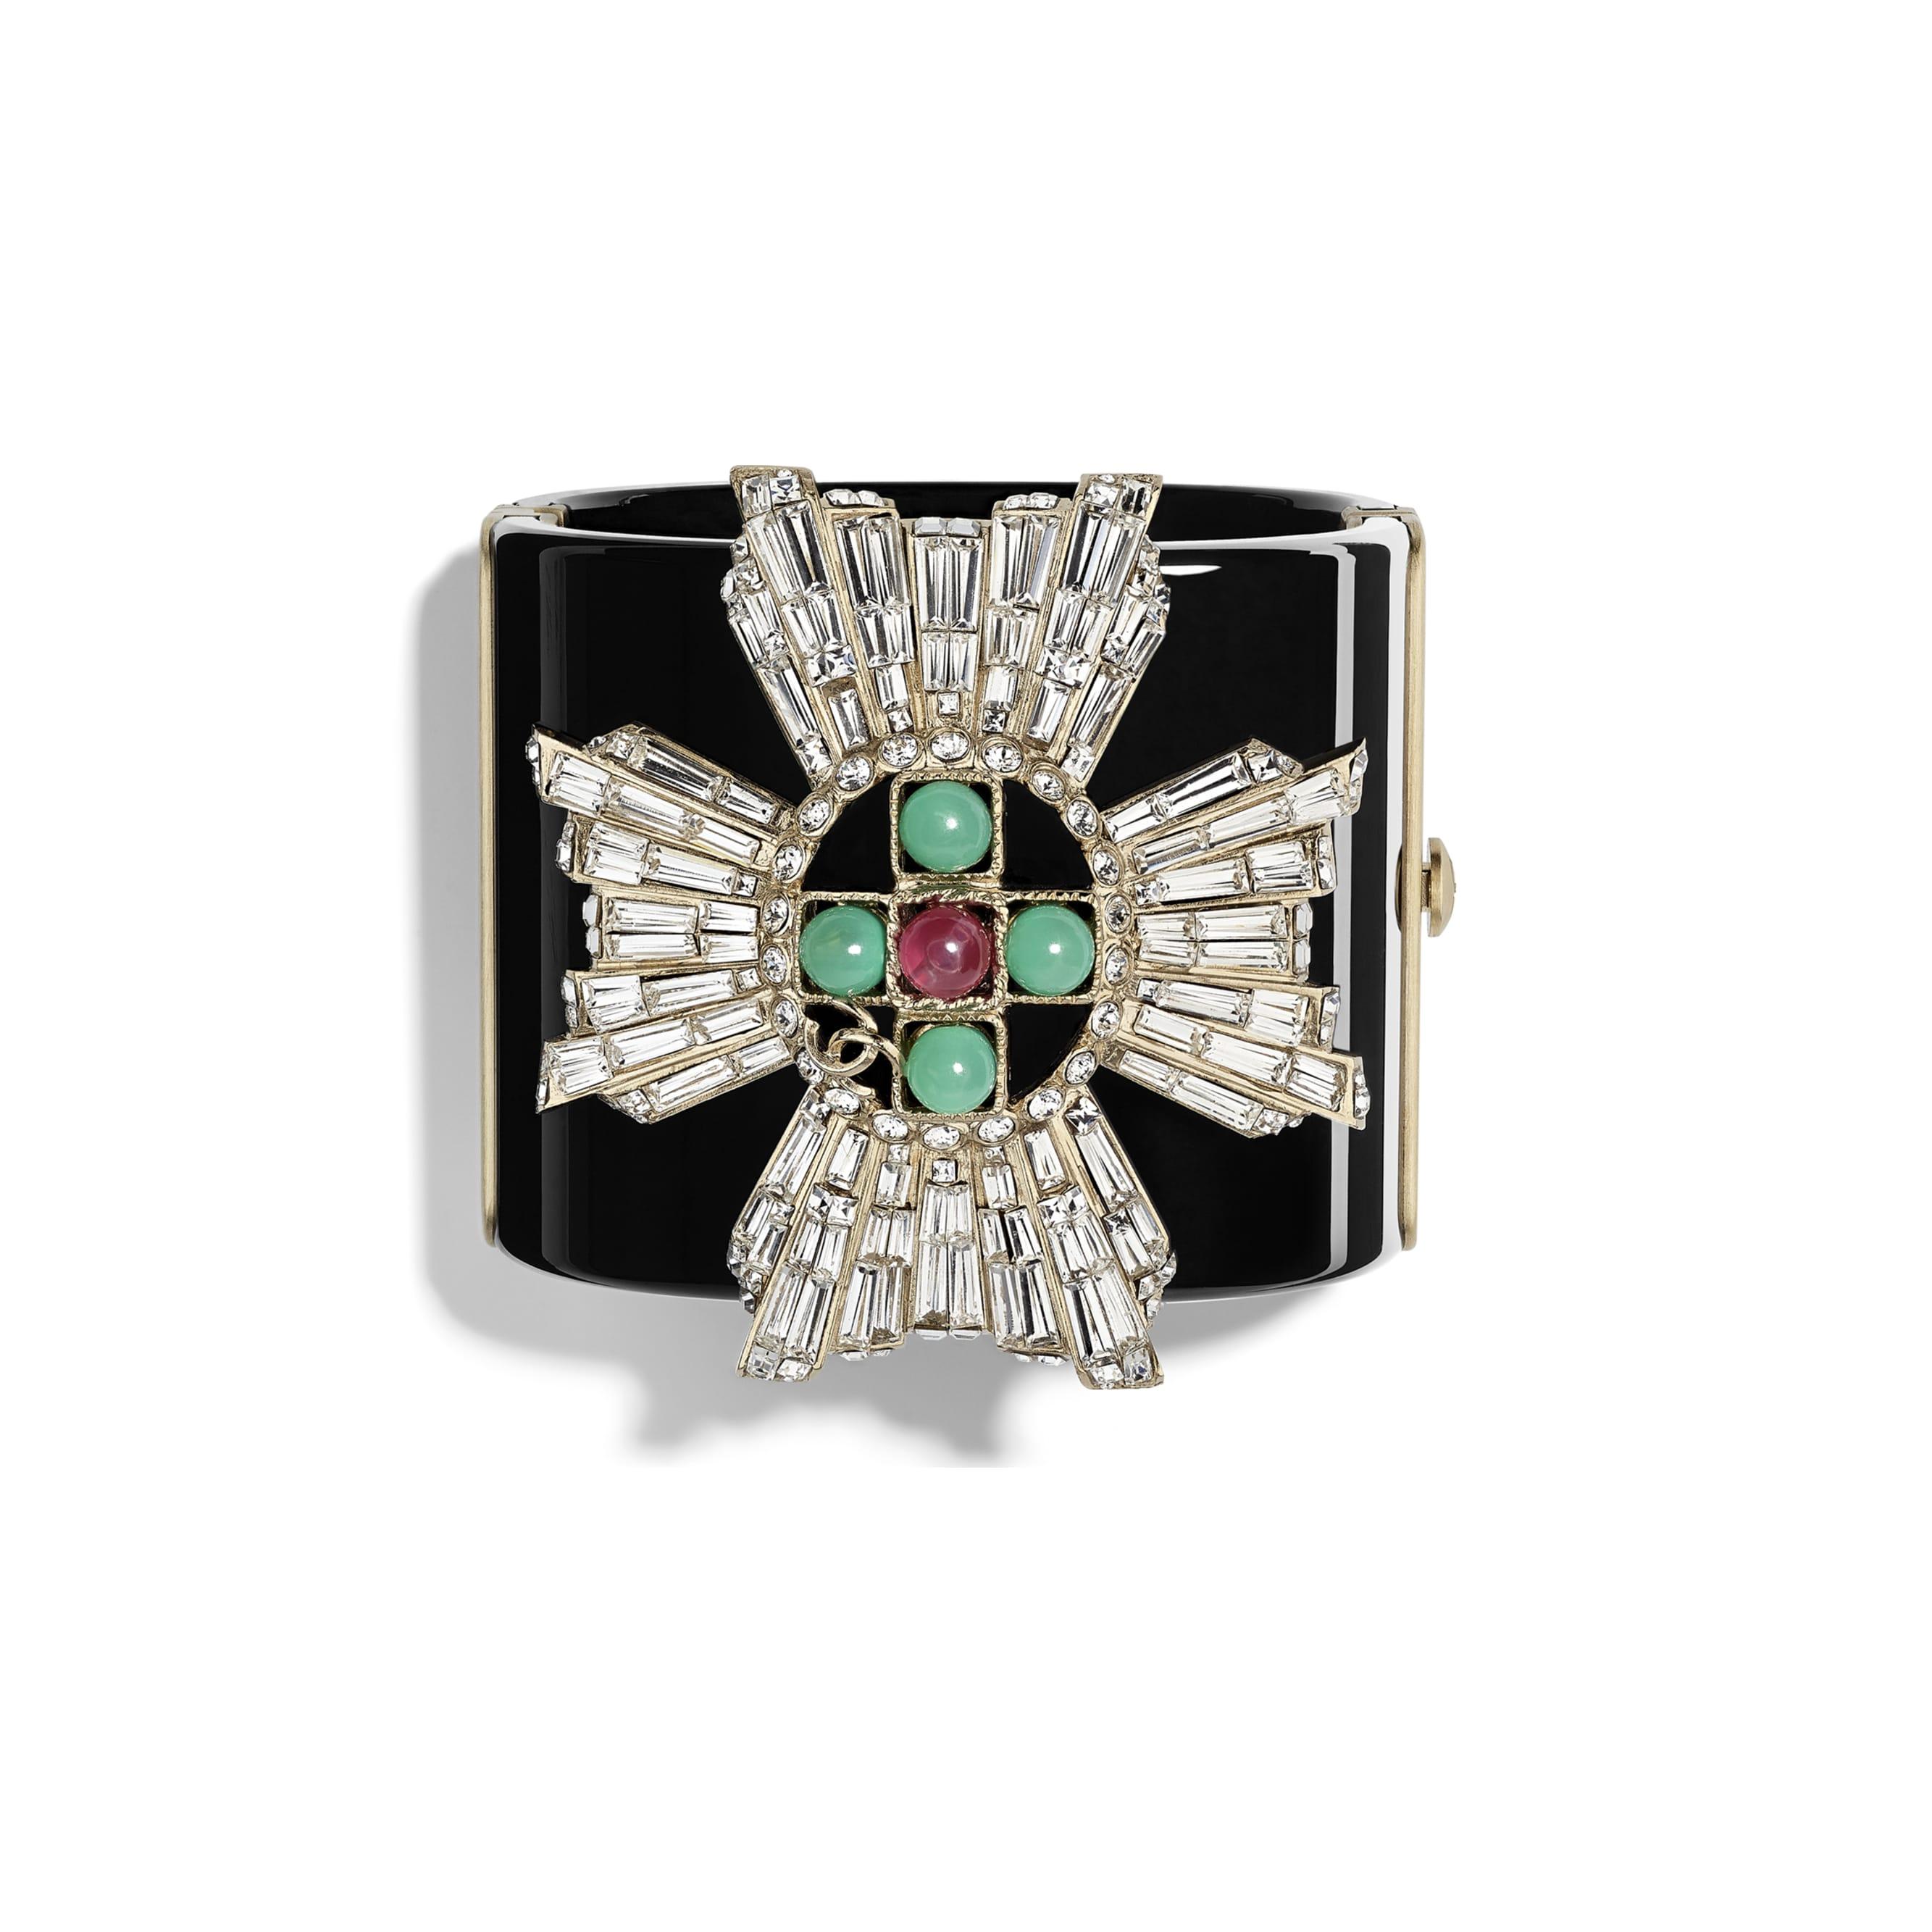 寬手鐲 - 黑、綠、粉紅、水晶 & 金 - 高級樹脂、琉璃珠、水鑽 & 金屬 - 預設視圖 - 查看標準尺寸版本